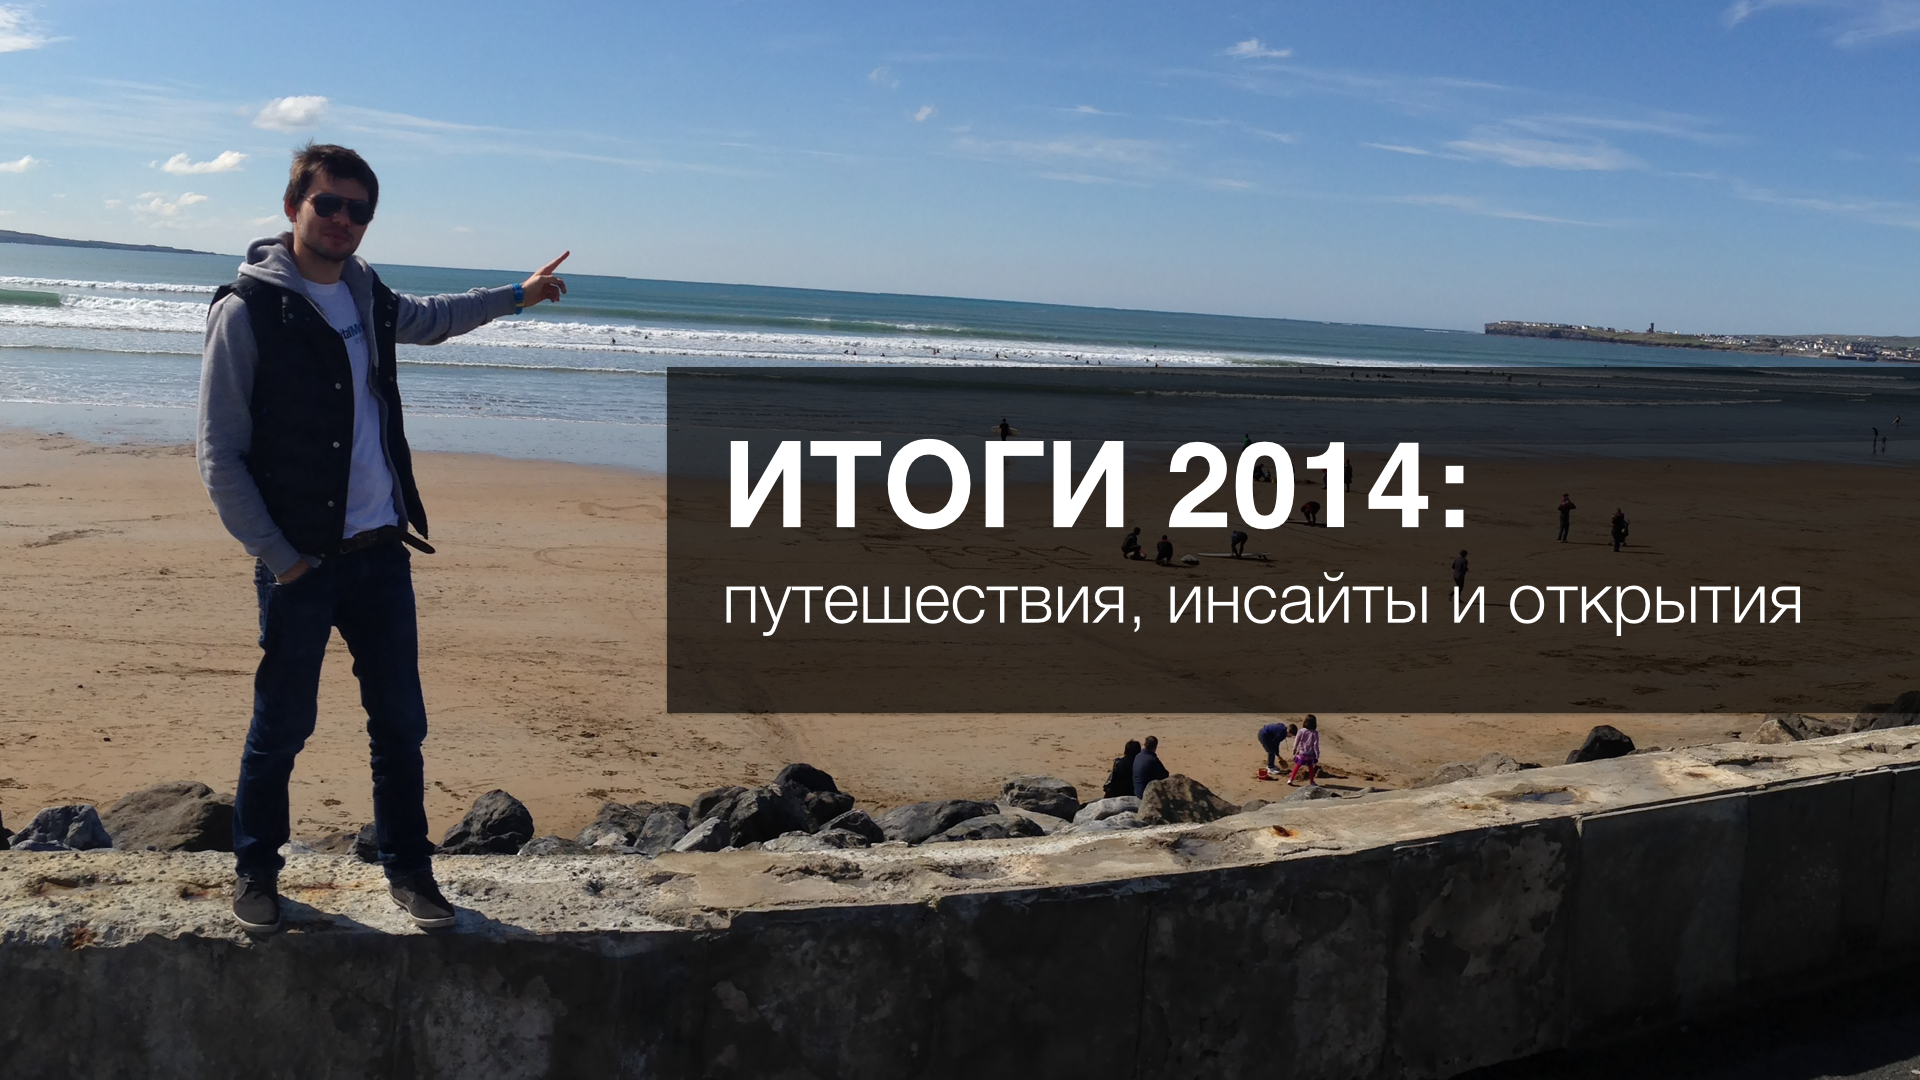 Итоги 2014: путешествия, инсайты и открытия